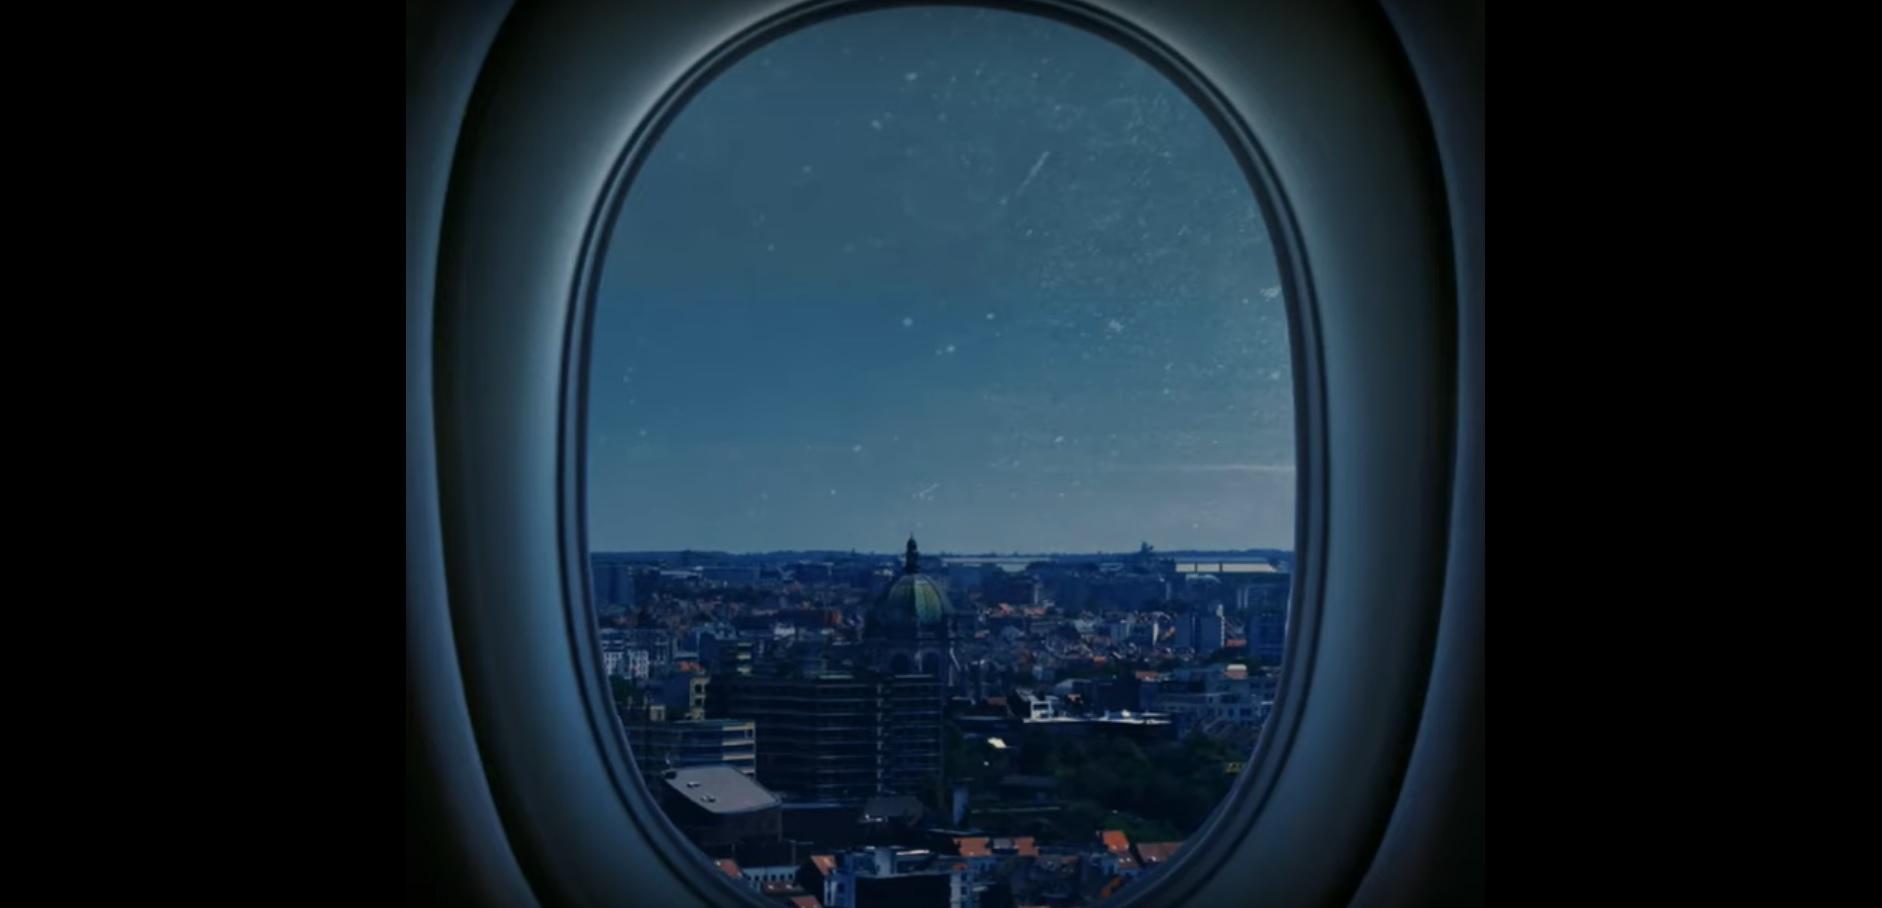 Kierunek: Noc - Netflix robi serial na podstawie książki Dukaja. Teaser i szczegóły!